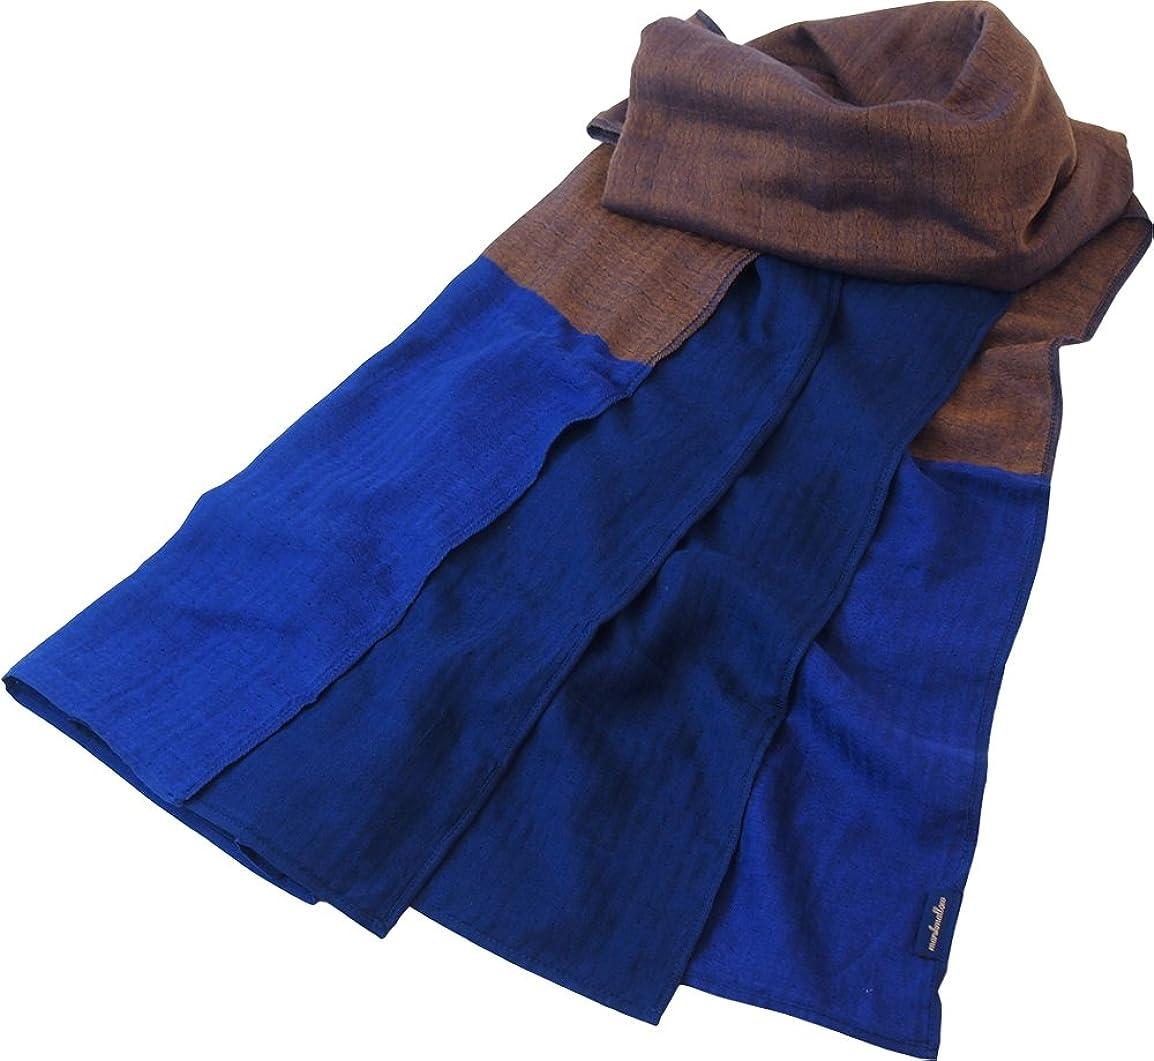 甘味運動体現するUCHINO ショール カラーブロックマシュマロガーゼ 手軽に洗える 軽くてかさばらない 78×200cm ブラウン 88M1P744 Br